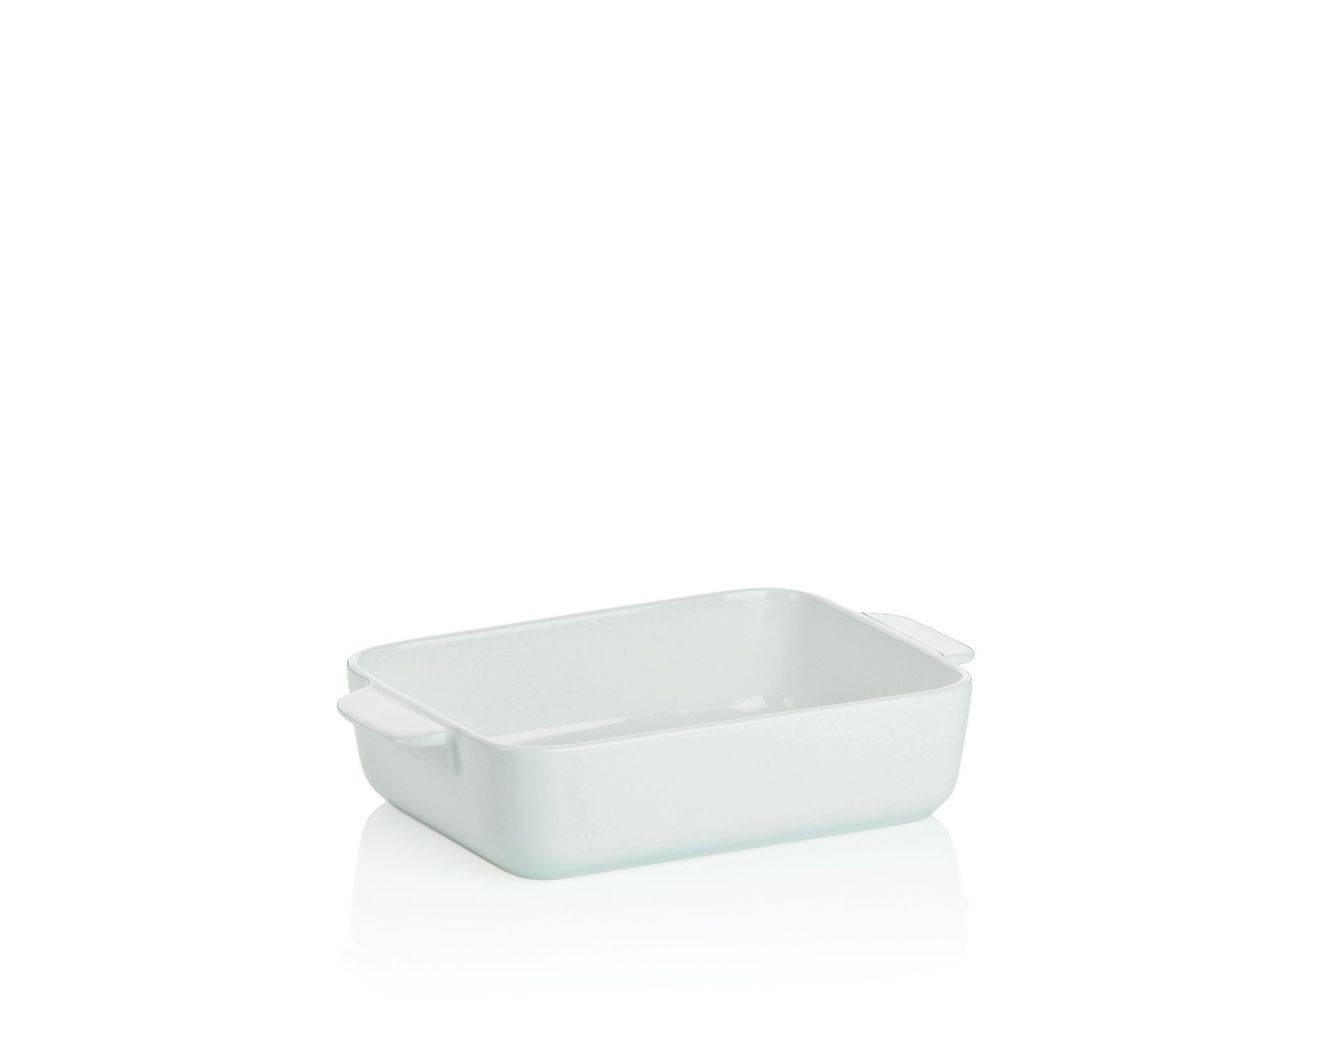 Pekáč ESTER 22x13,5x4,5cm, porcelán KL-11685 Kela